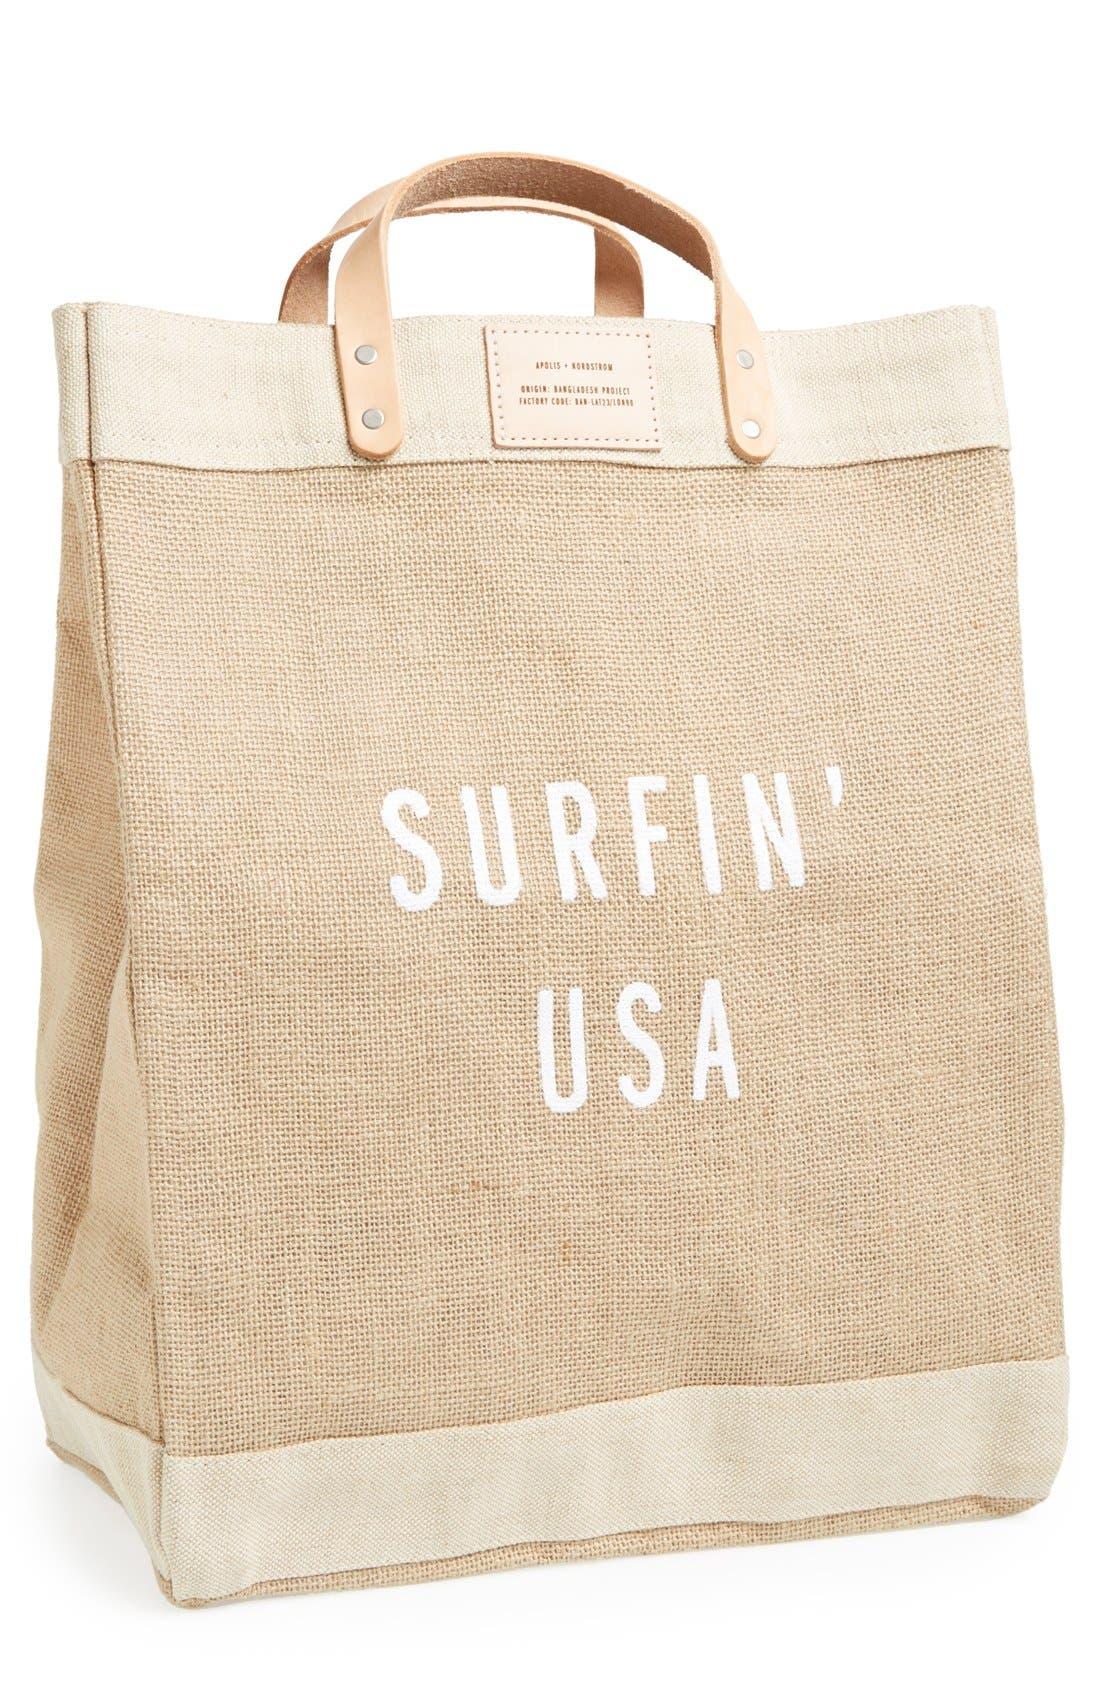 Alternate Image 2  - Apolis 'Surfin USA' Market Bag